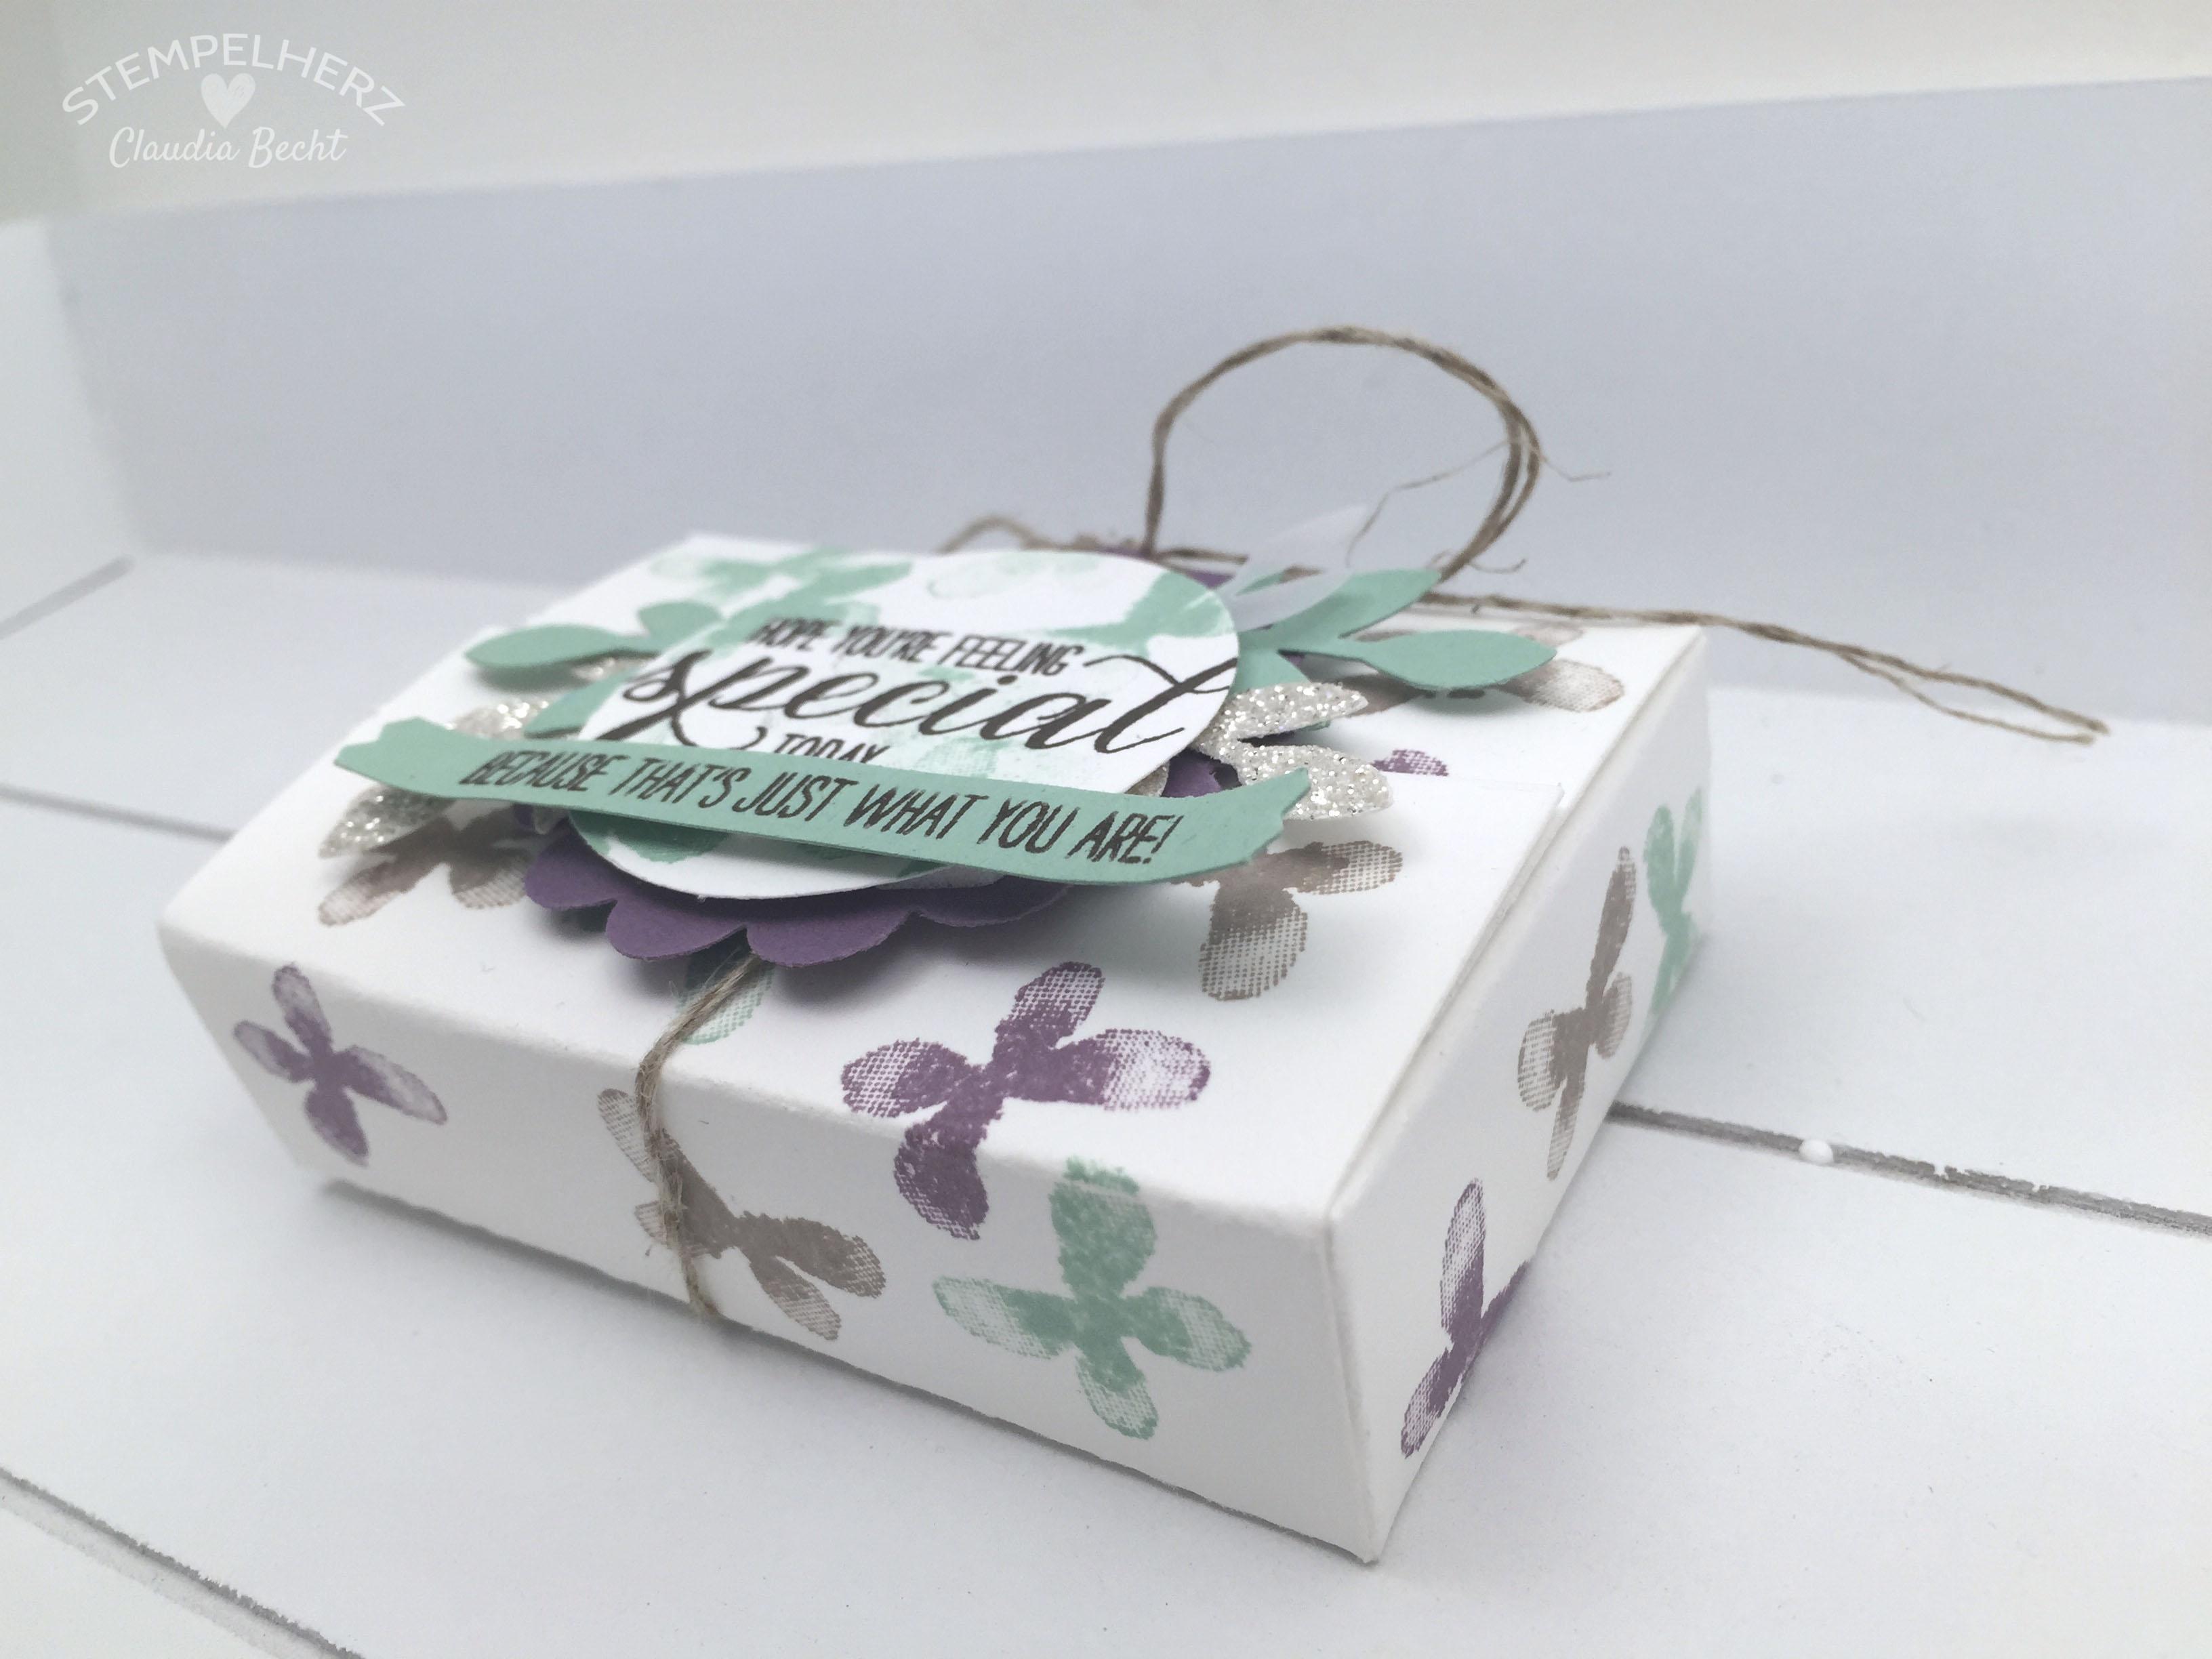 Stampin Up-Stempelherz-Verpackung-Box-Geschenk-Garden in Bloom-Geschenkverpackung Garden in Bloom 05b